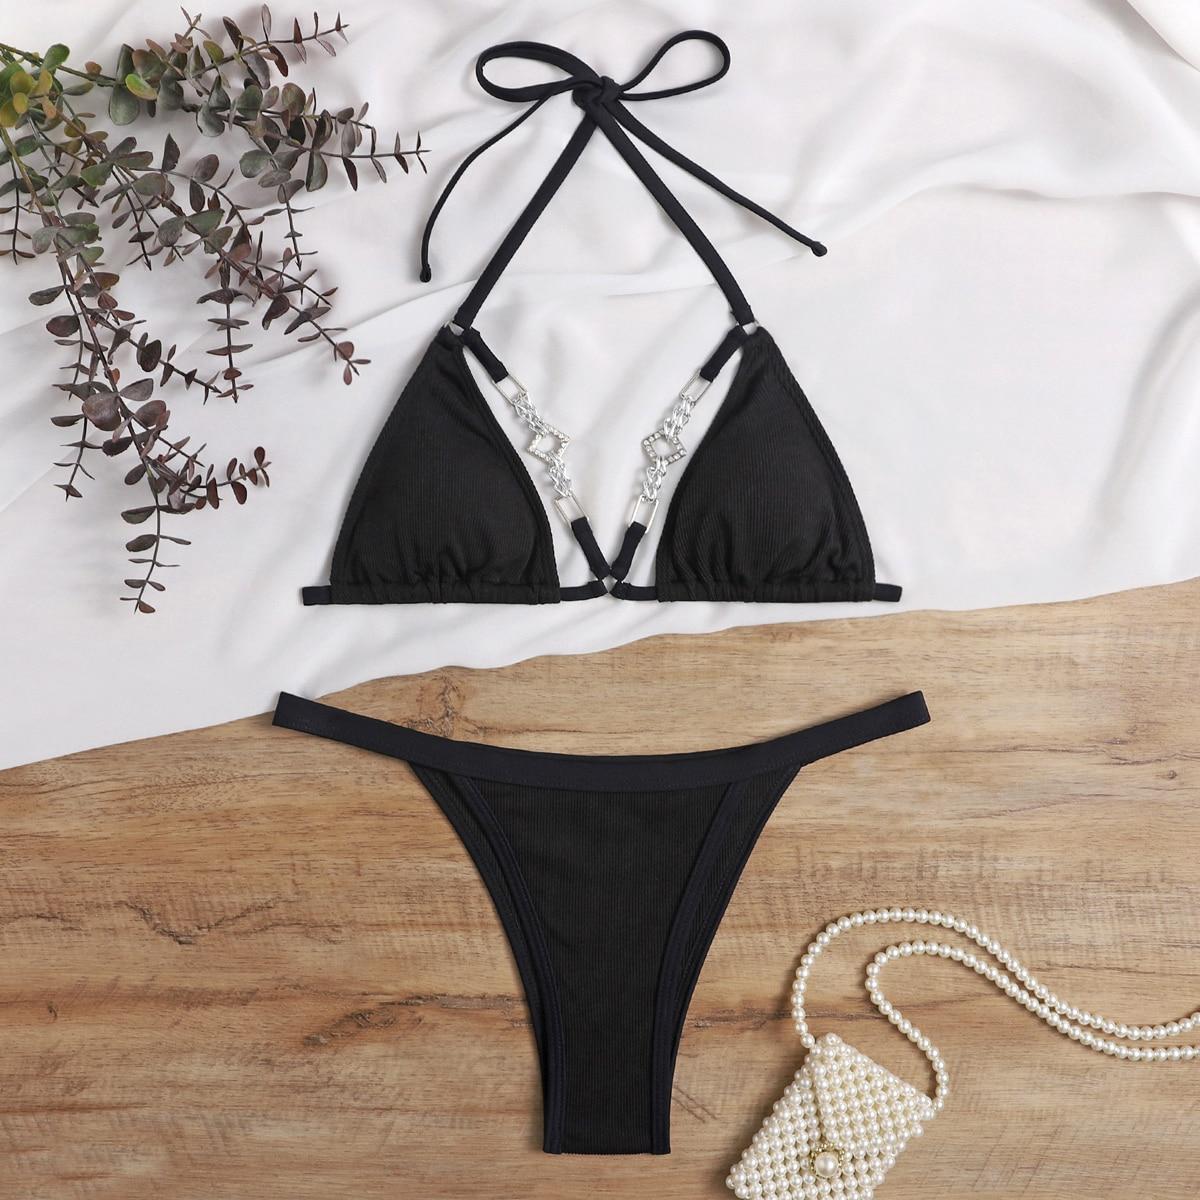 Rhinestone Decor Micro Triangle Thong Bikini Swimsuit